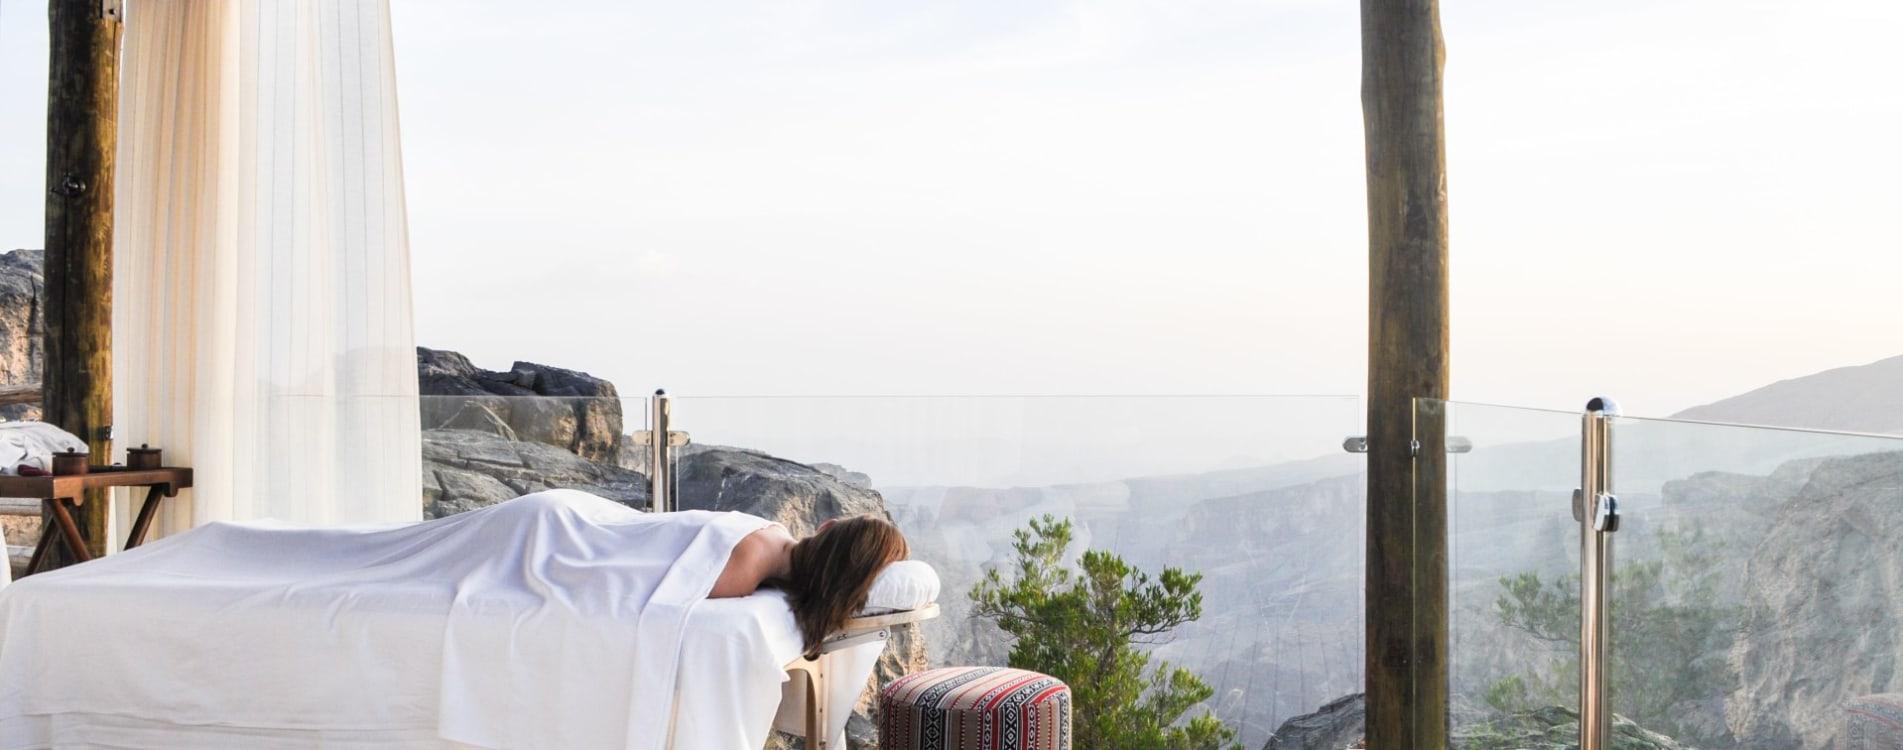 Alila-Jabal-Akhdar-Spa-Behandlung-Klippen-Oman.jpg